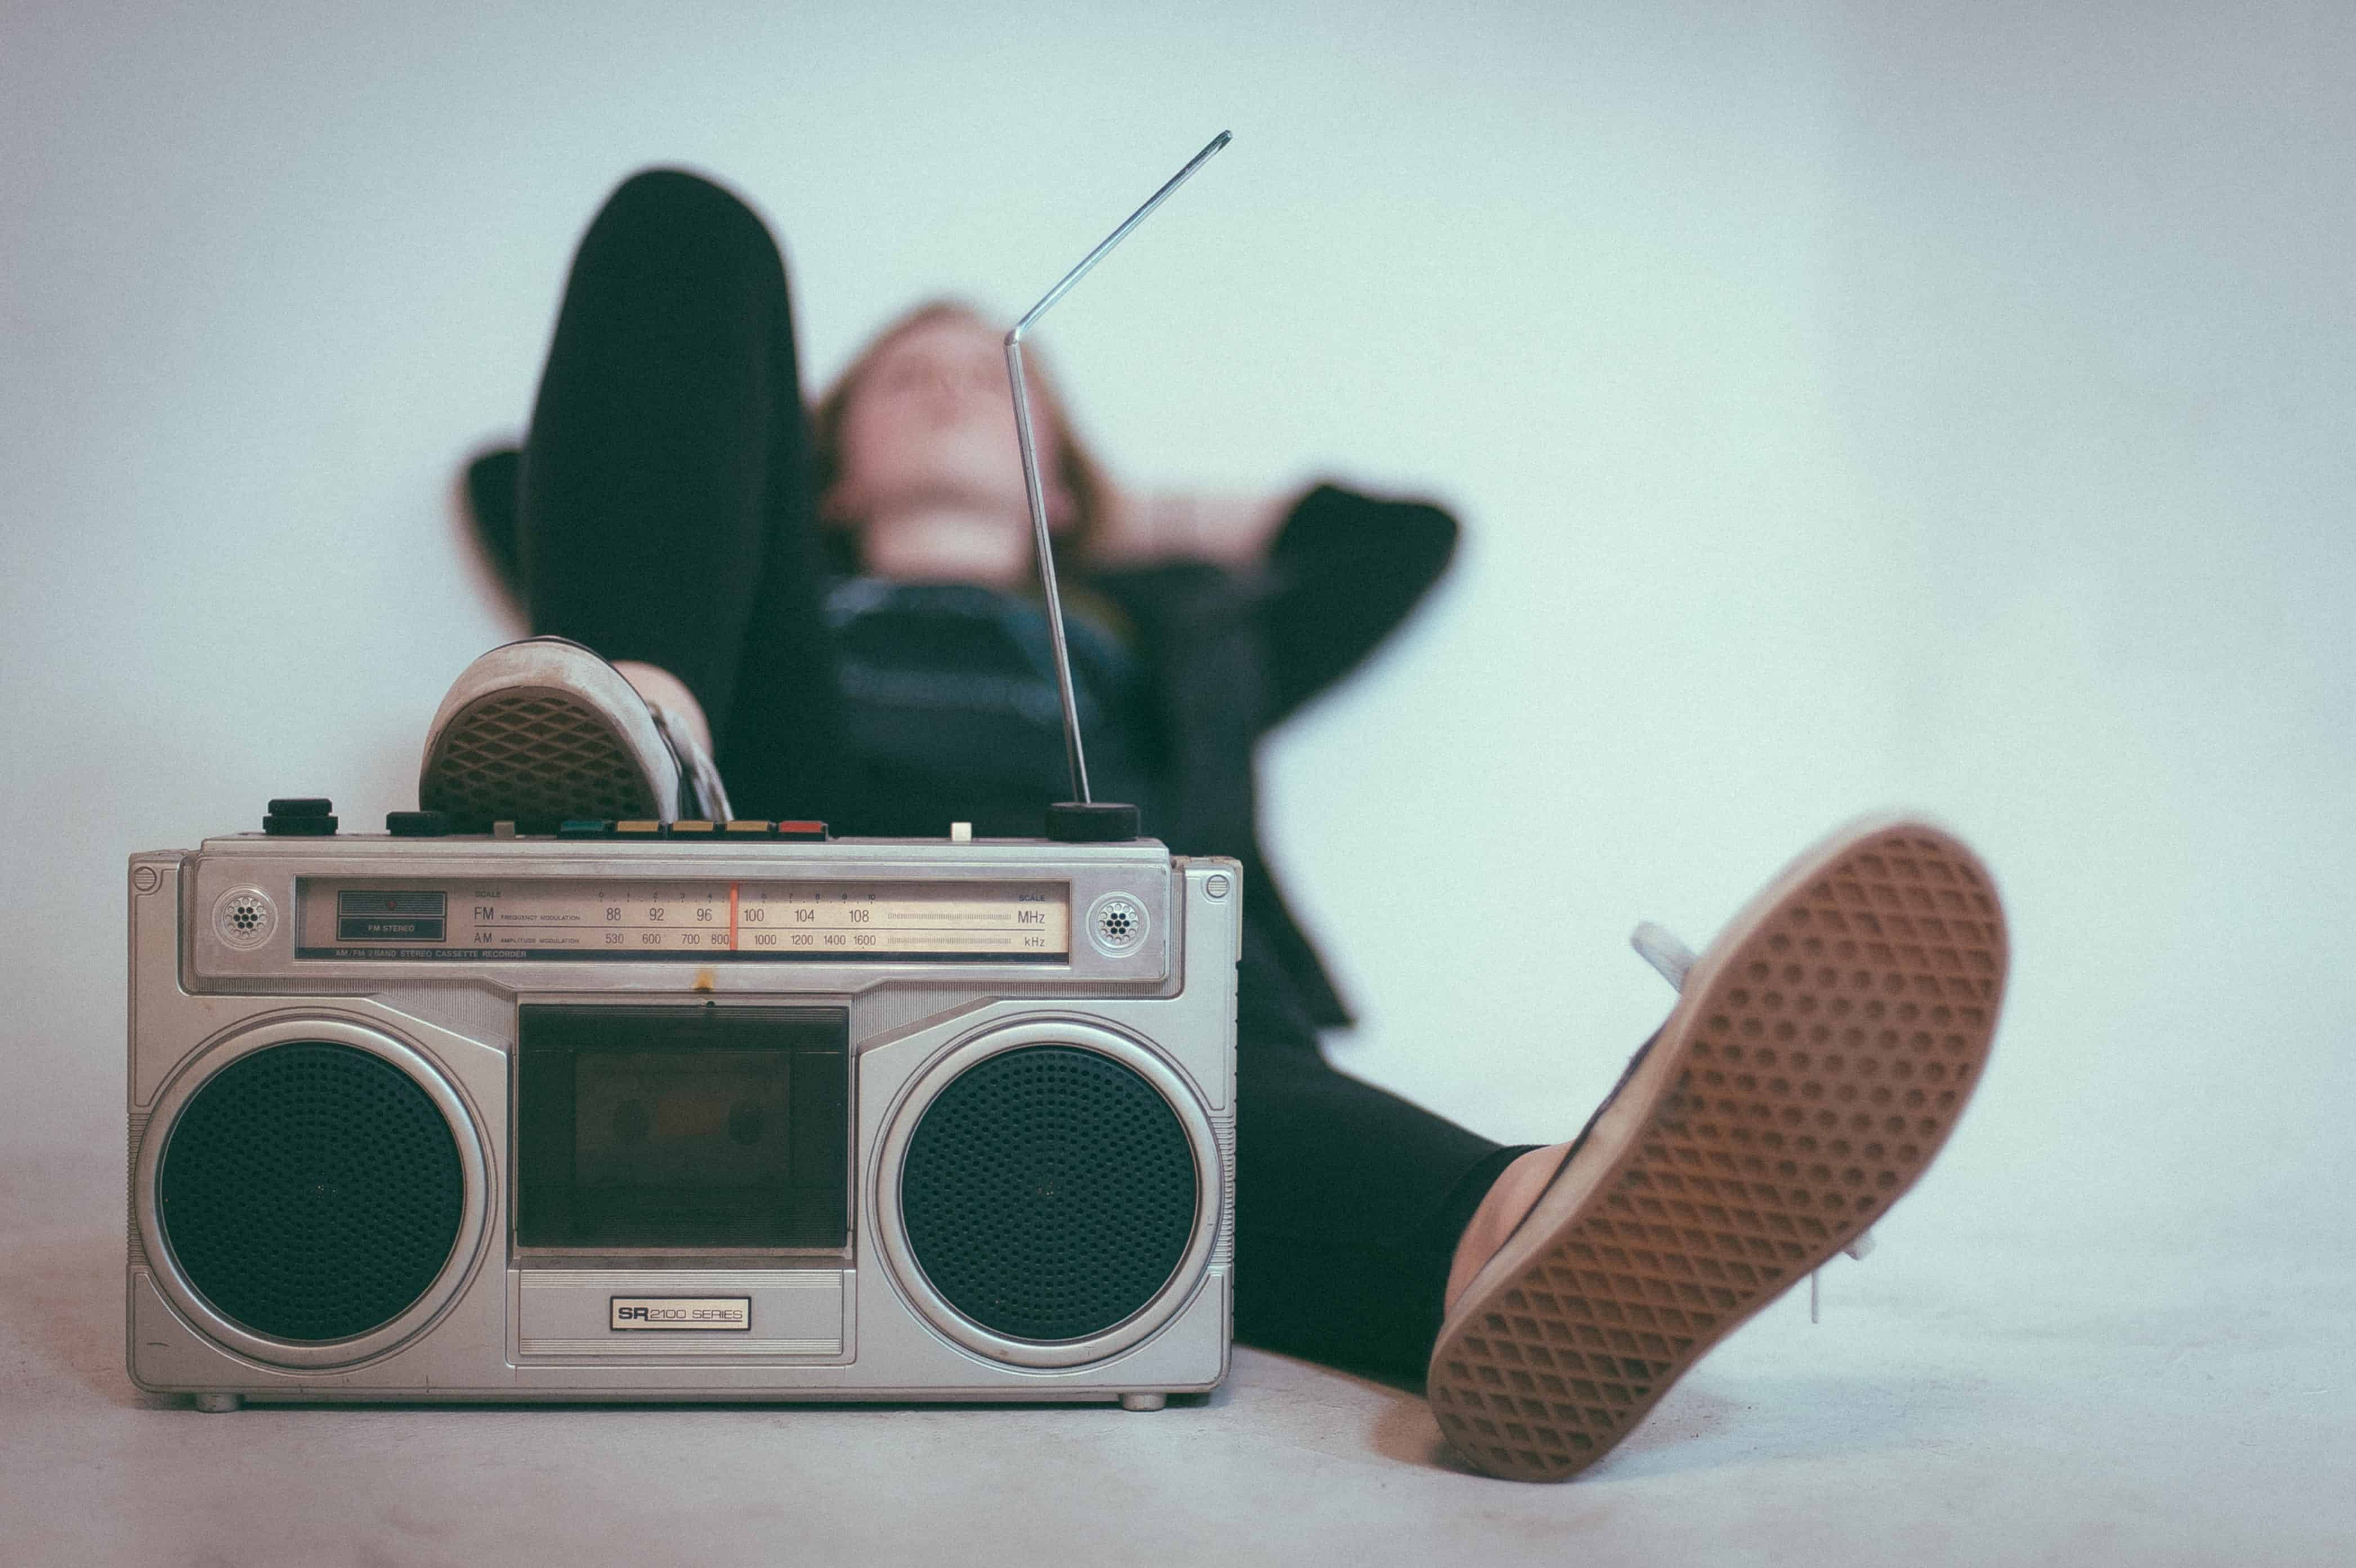 Listening to music boombox